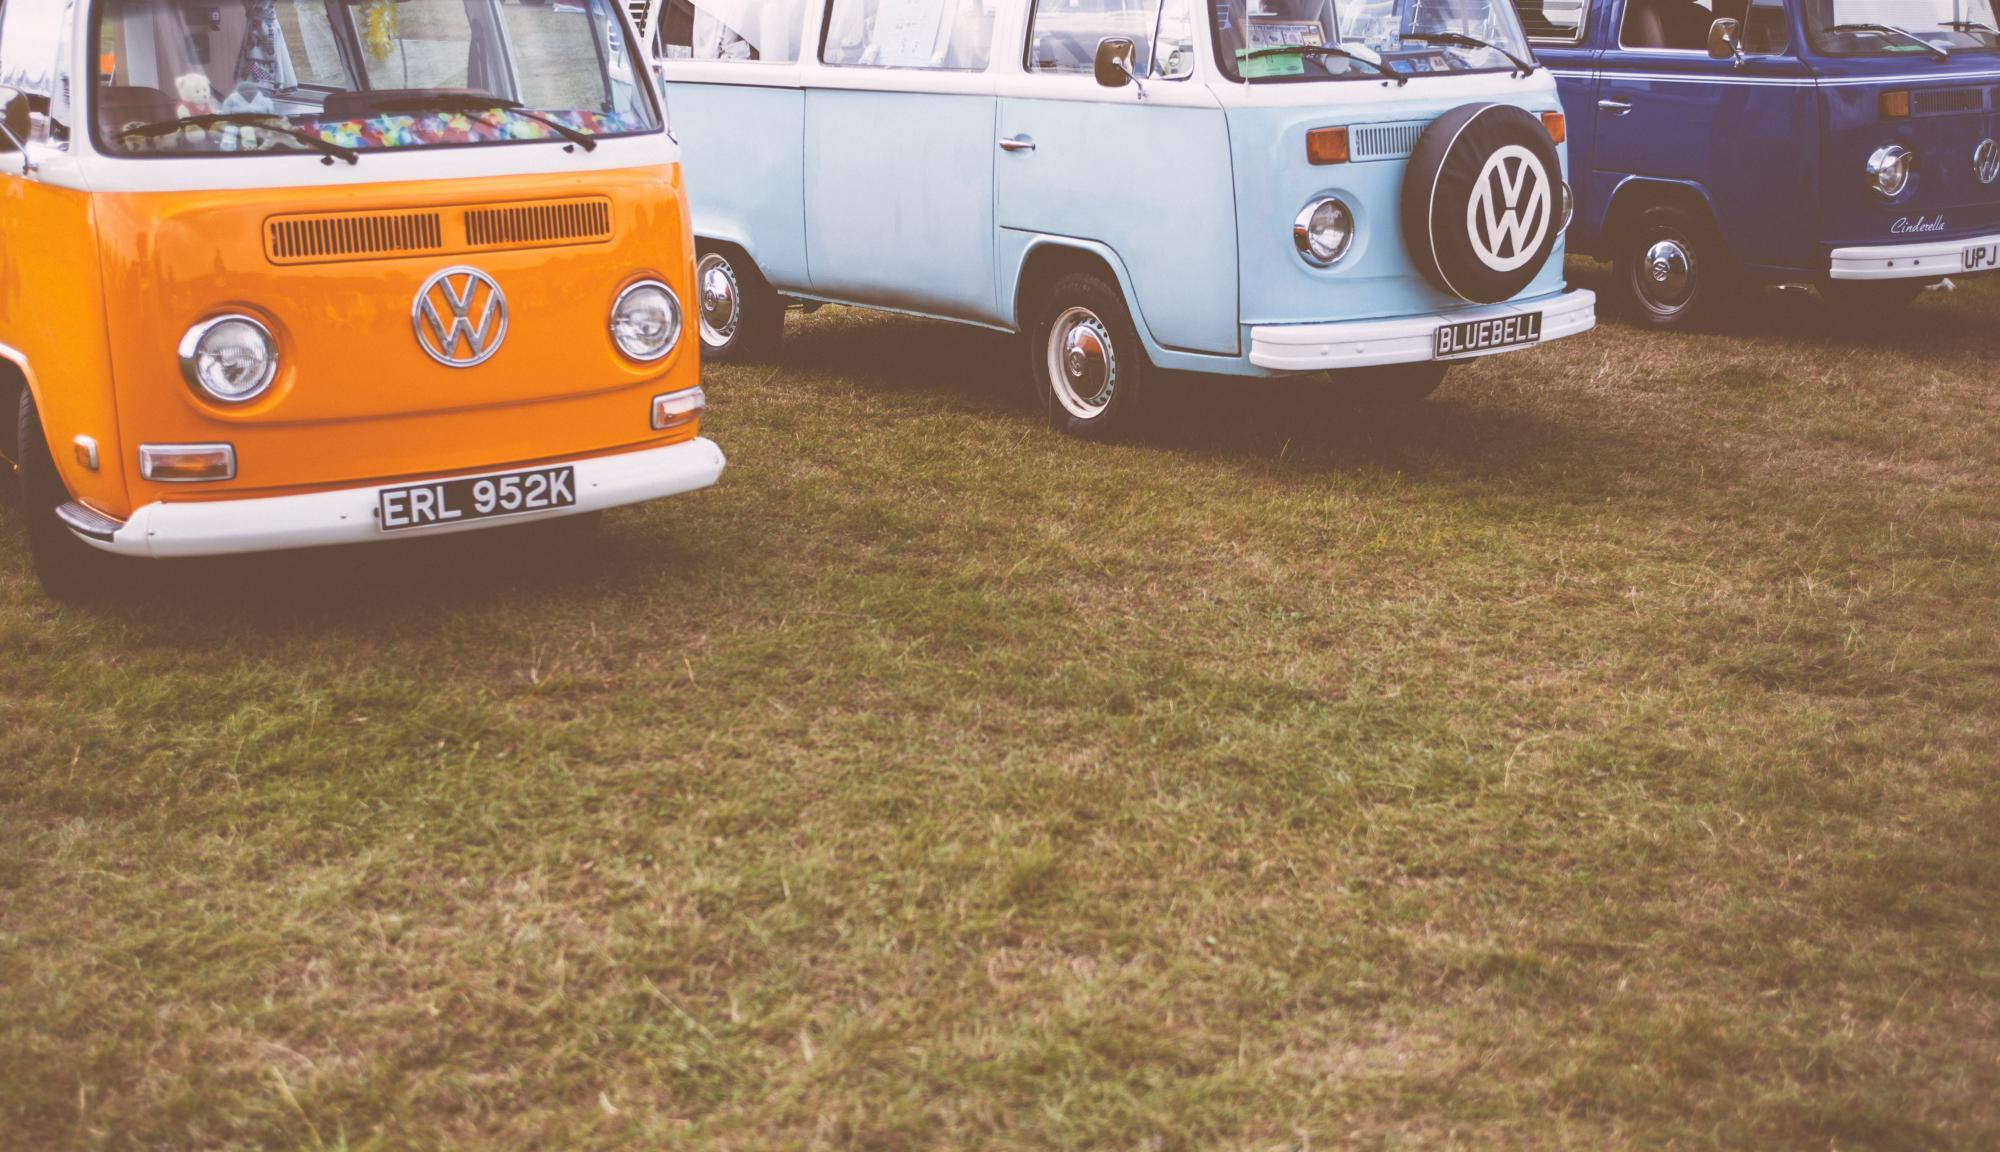 Campervan Hire in Wigan | Motorhome Rental in Wigan